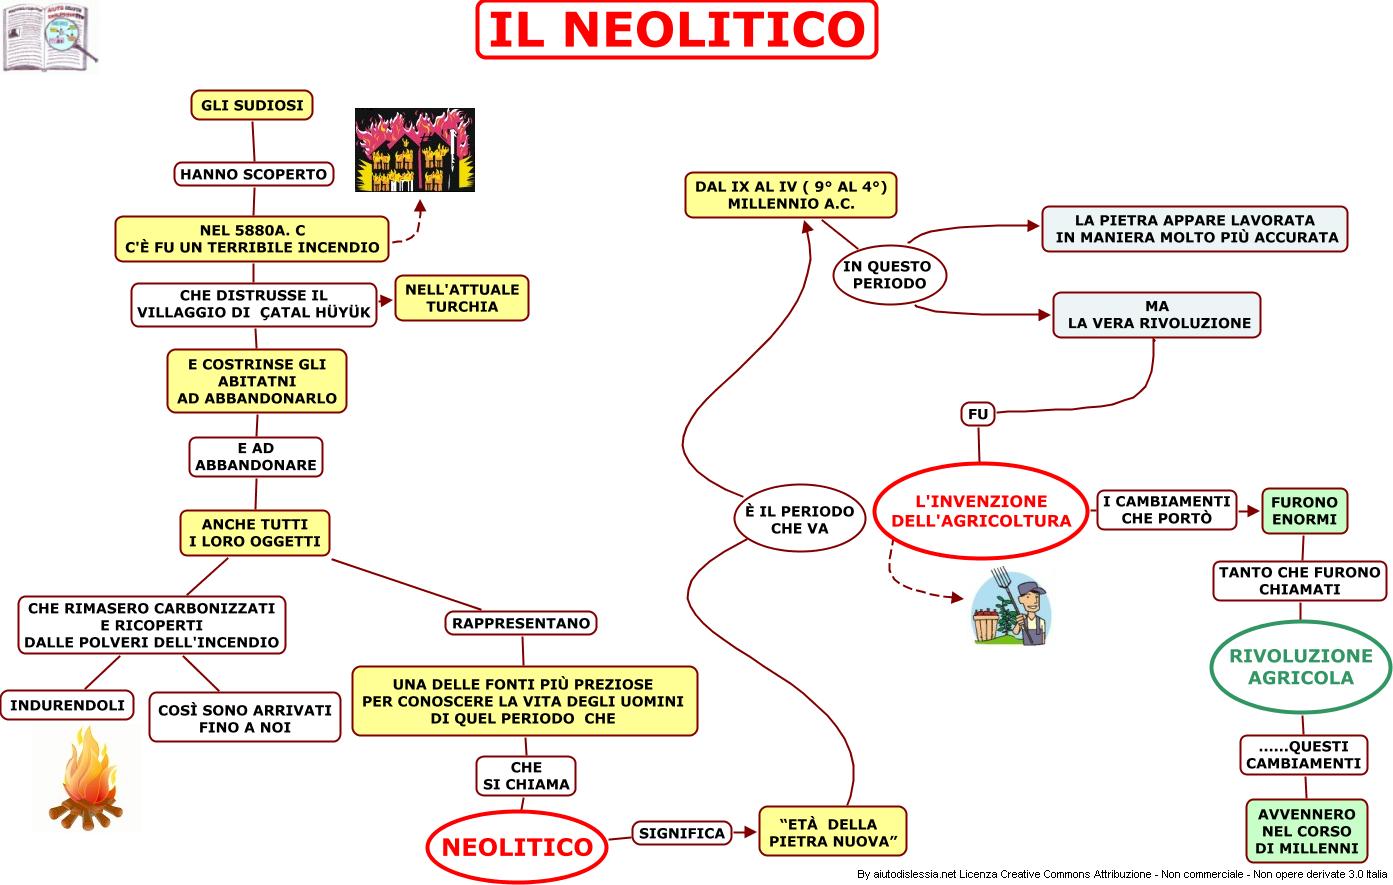 La rivoluzione neolitica